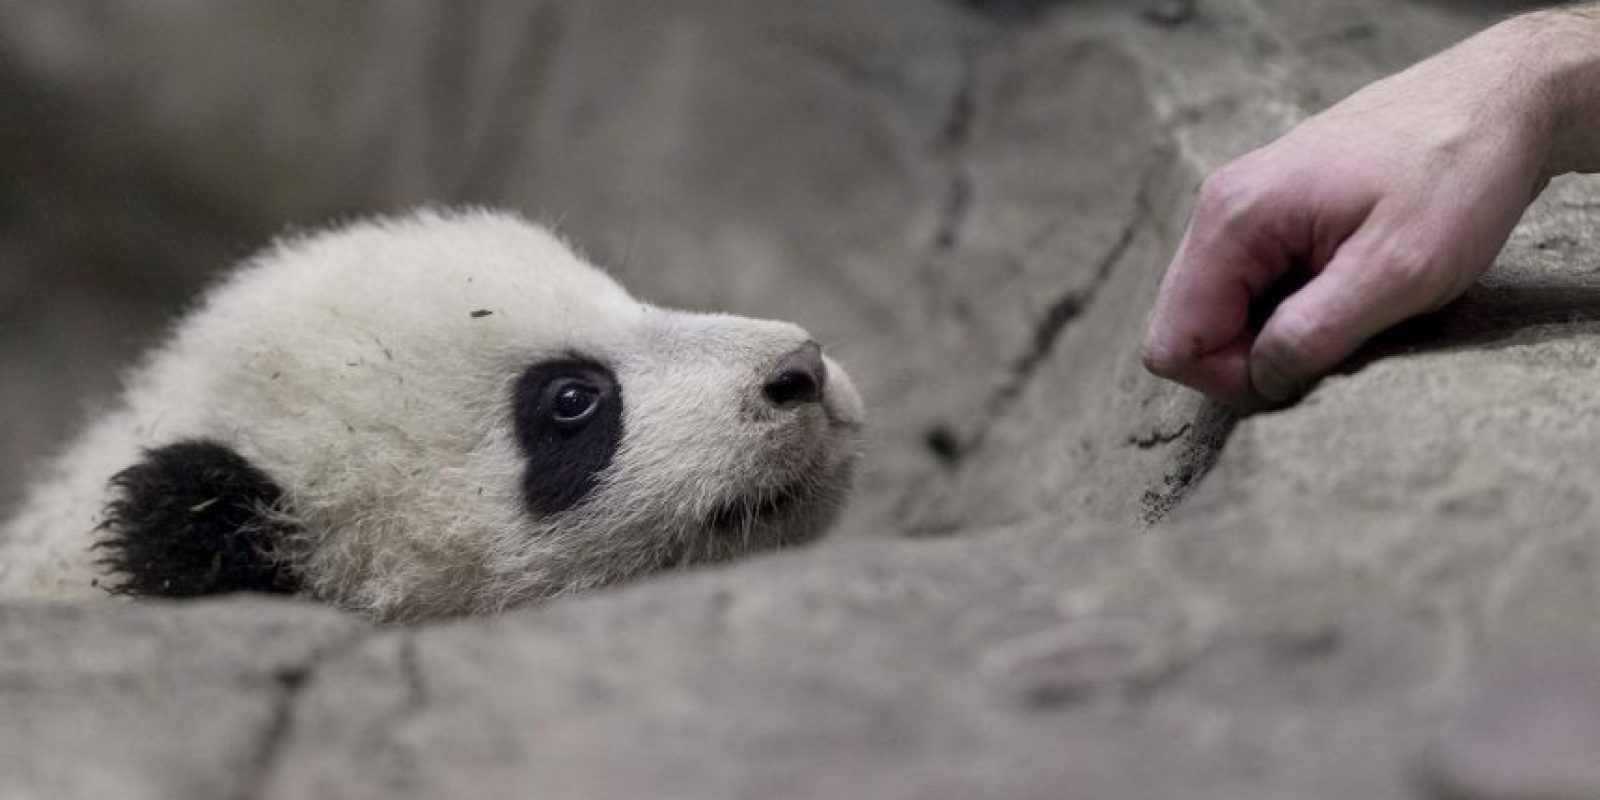 El hostigamiento a la vida silvestre incluye incomodidad para el animal causada por ruido o molestia física, compartió el sitio: Centro de Internet para la Gestión de Daños a la Fauna, Icwdm.org. Foto:Getty Images